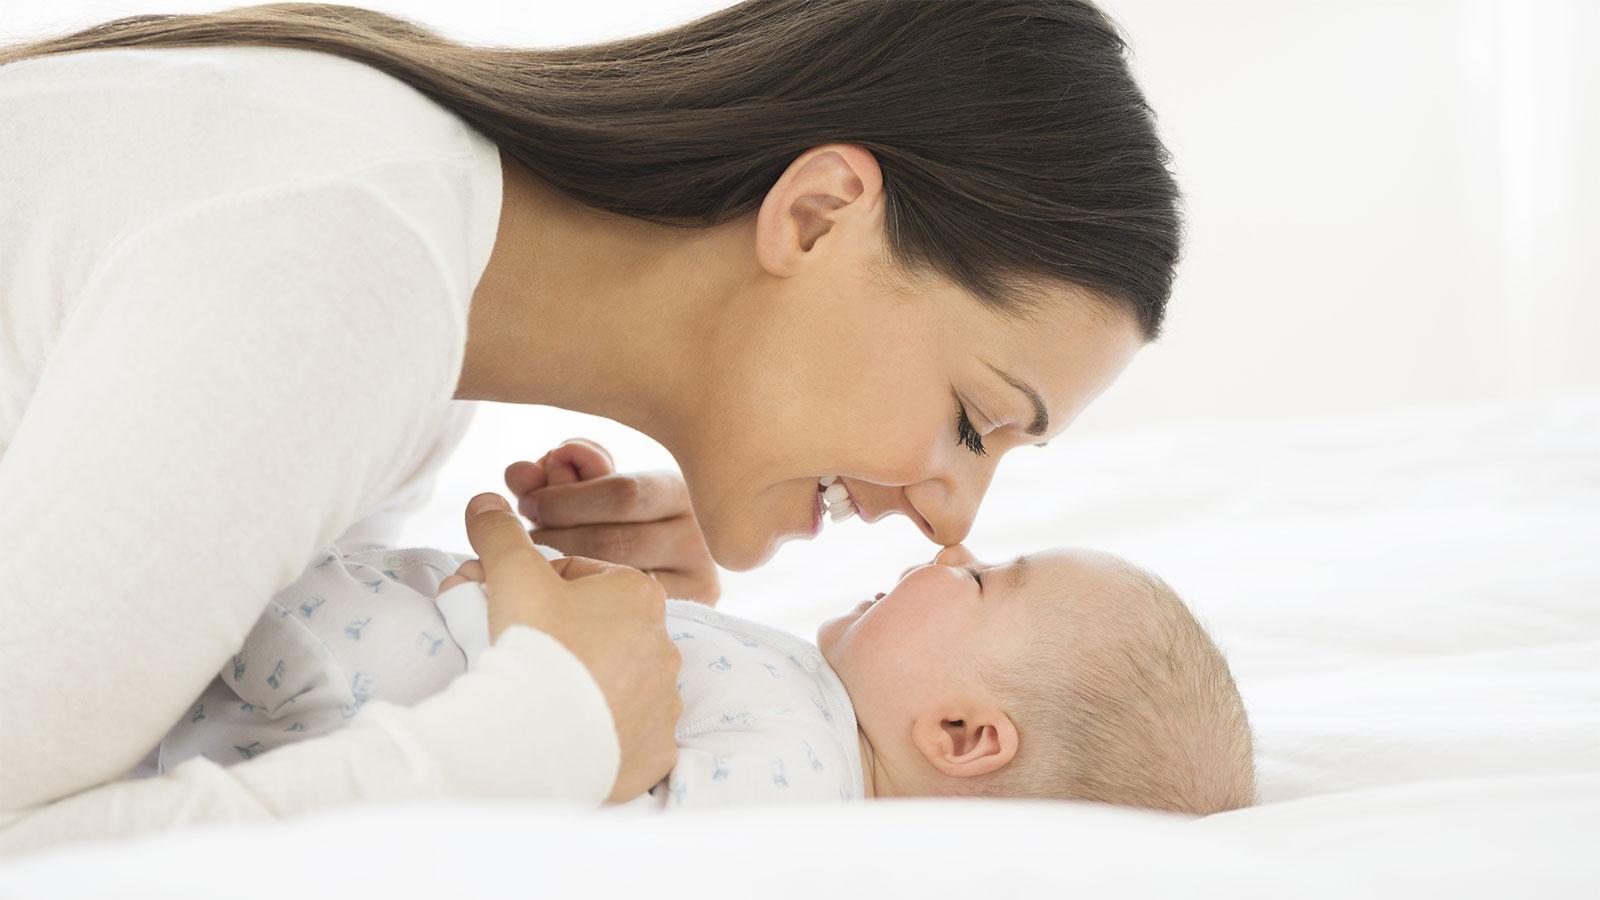 Как почистить нос новорожденному ребенку от сухих козявок и соплей аспиратором, ватным жгутиком, грушей в домашних условиях